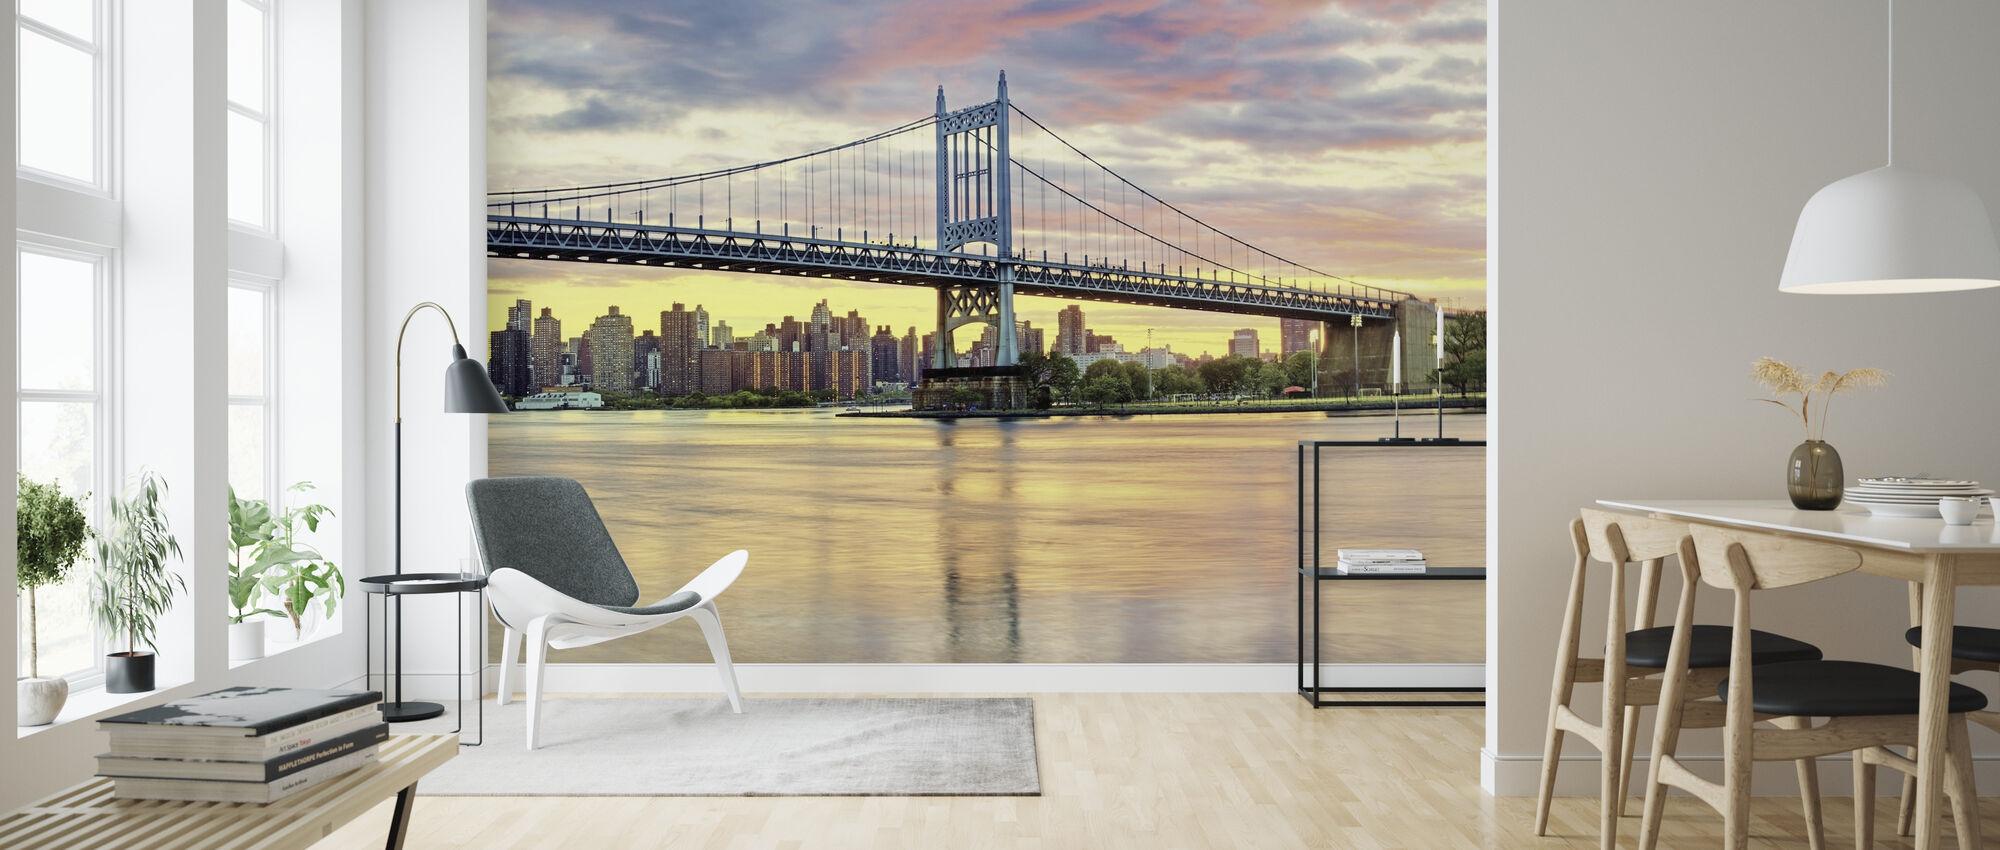 East River Sunset - Wallpaper - Living Room